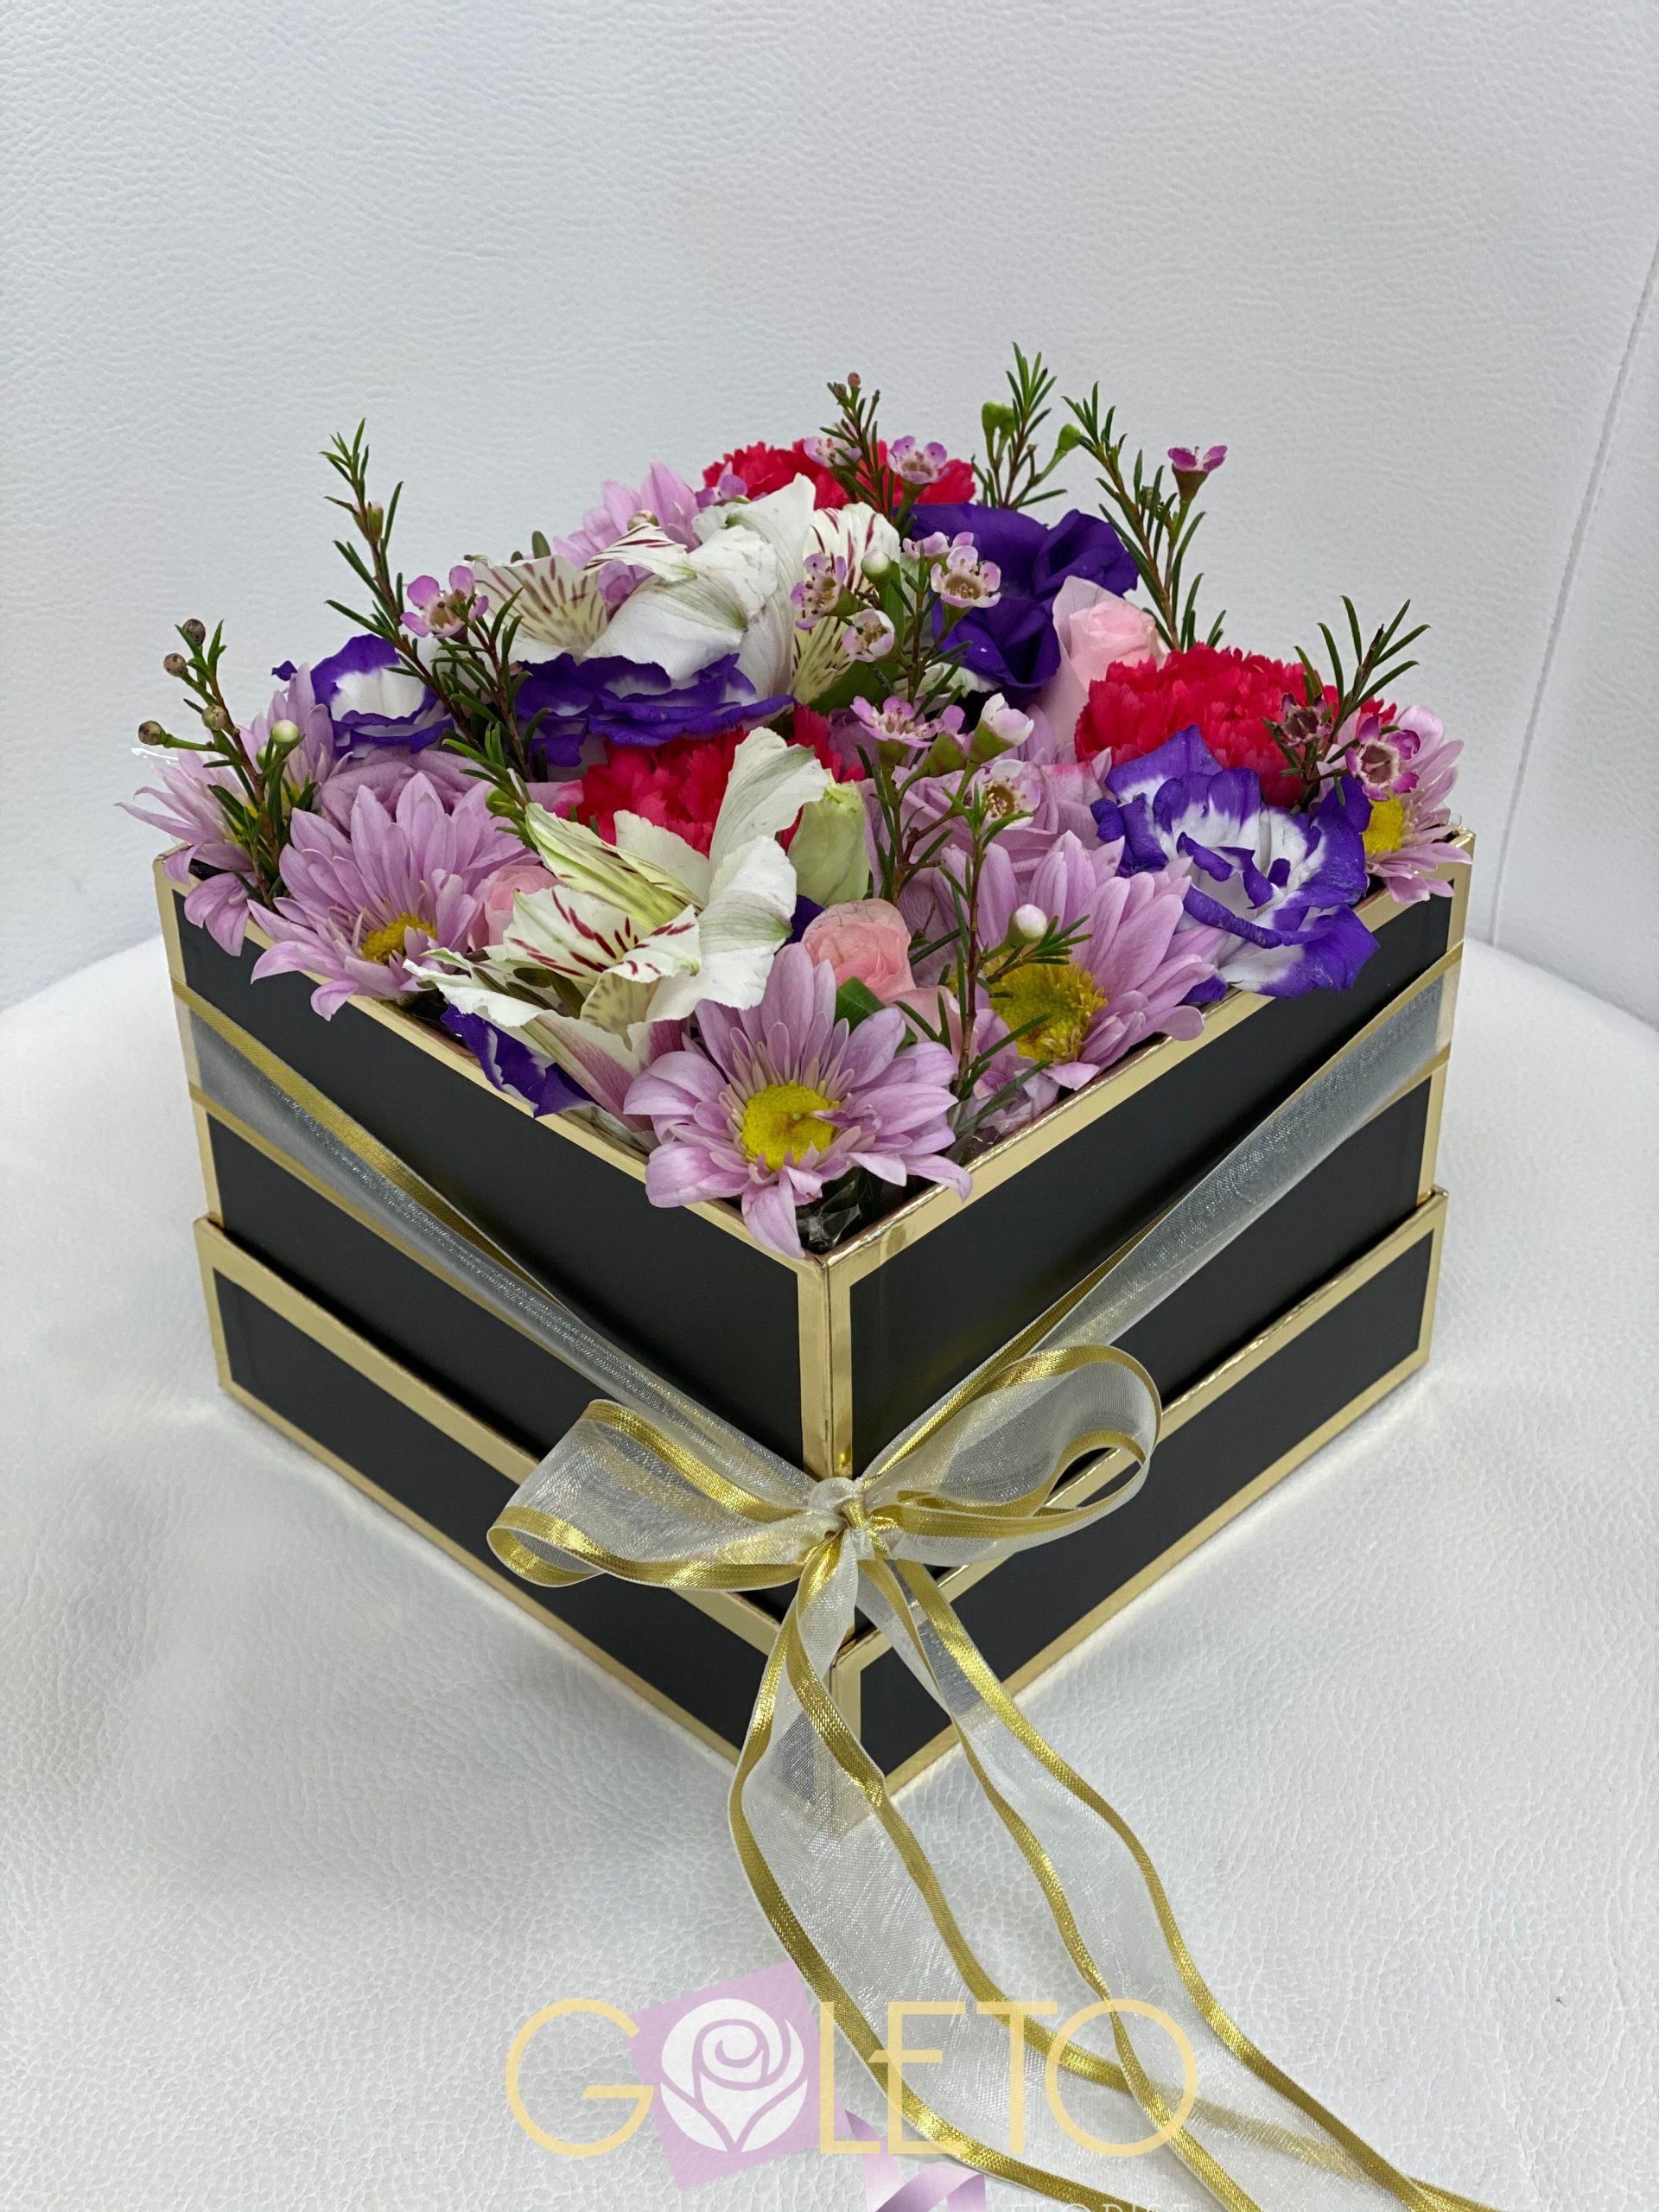 Goleto Birthday Flowers design 22